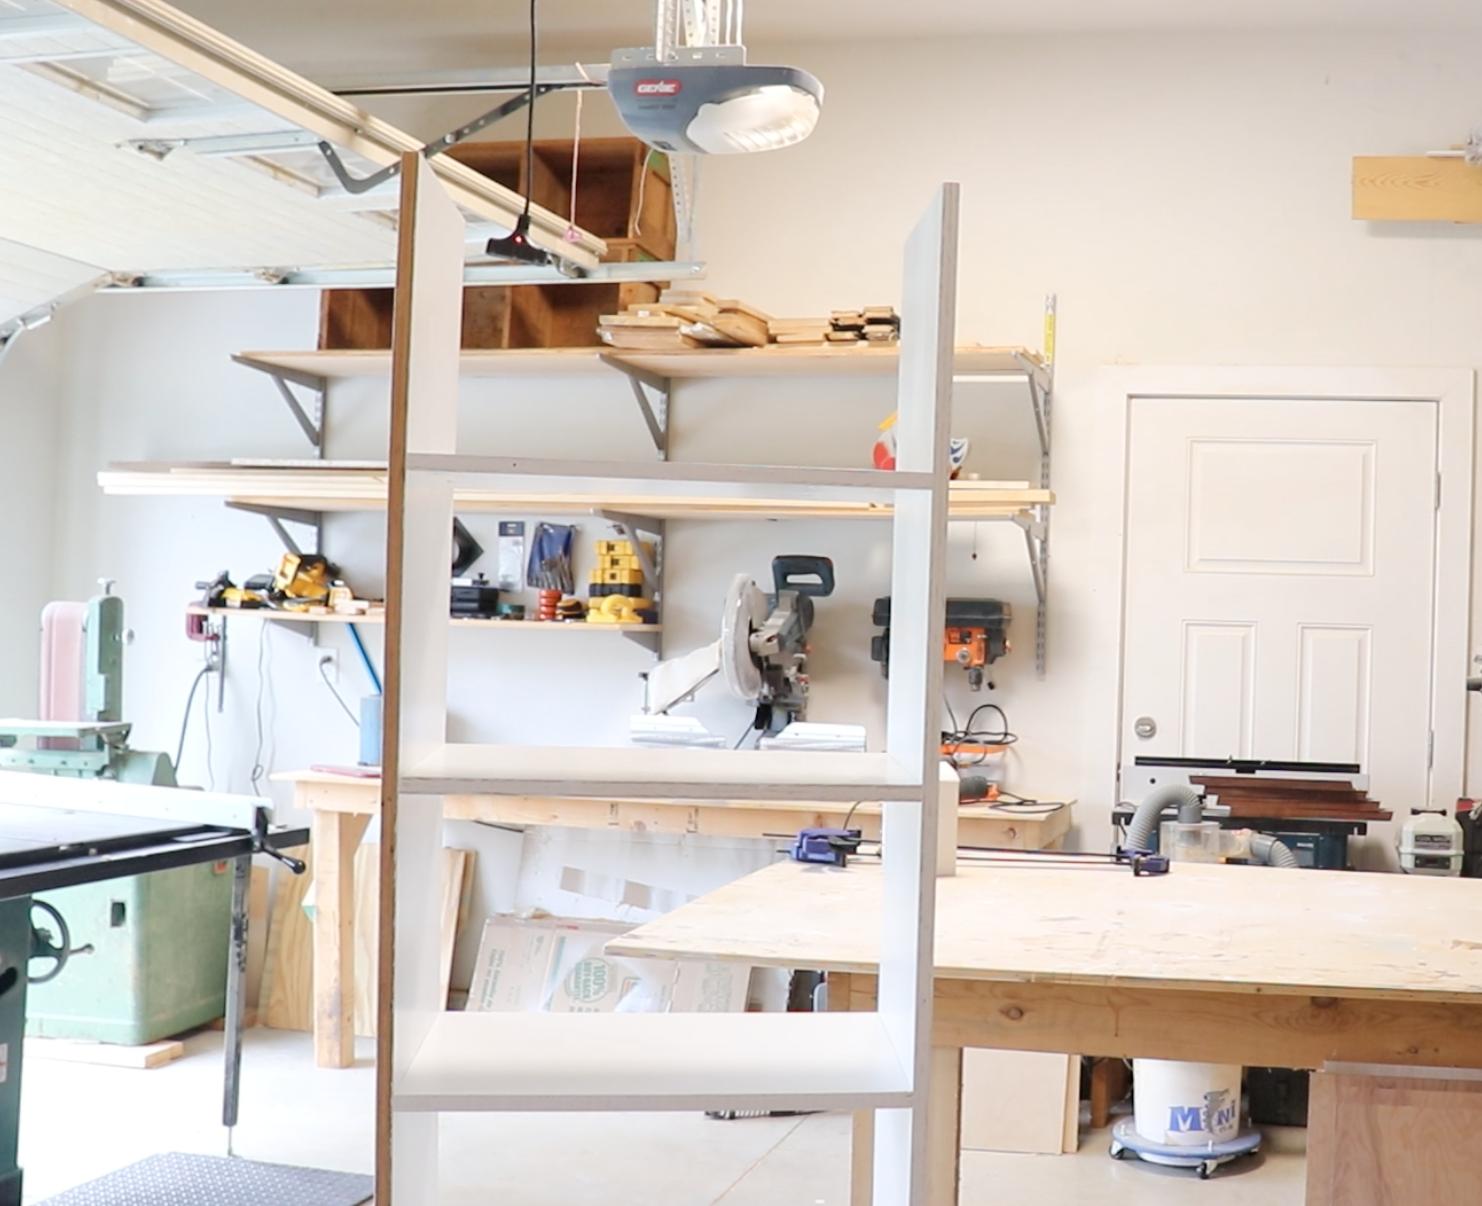 Assembled Custom Closet Shelves using Kreg Jig R3